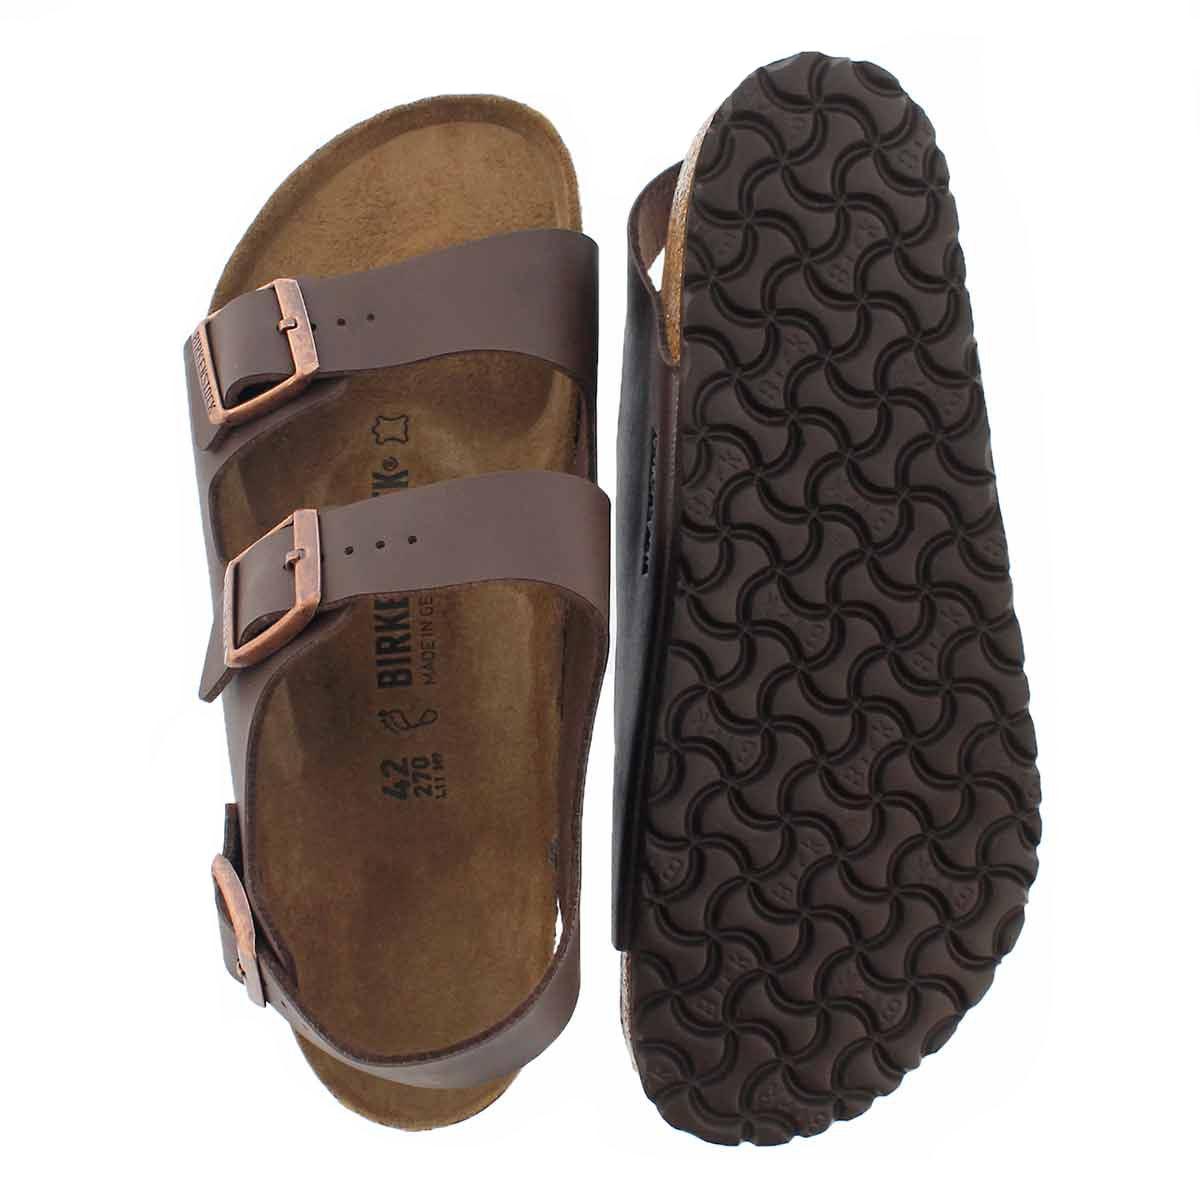 Mns Milano BF brown 3 strap sandal